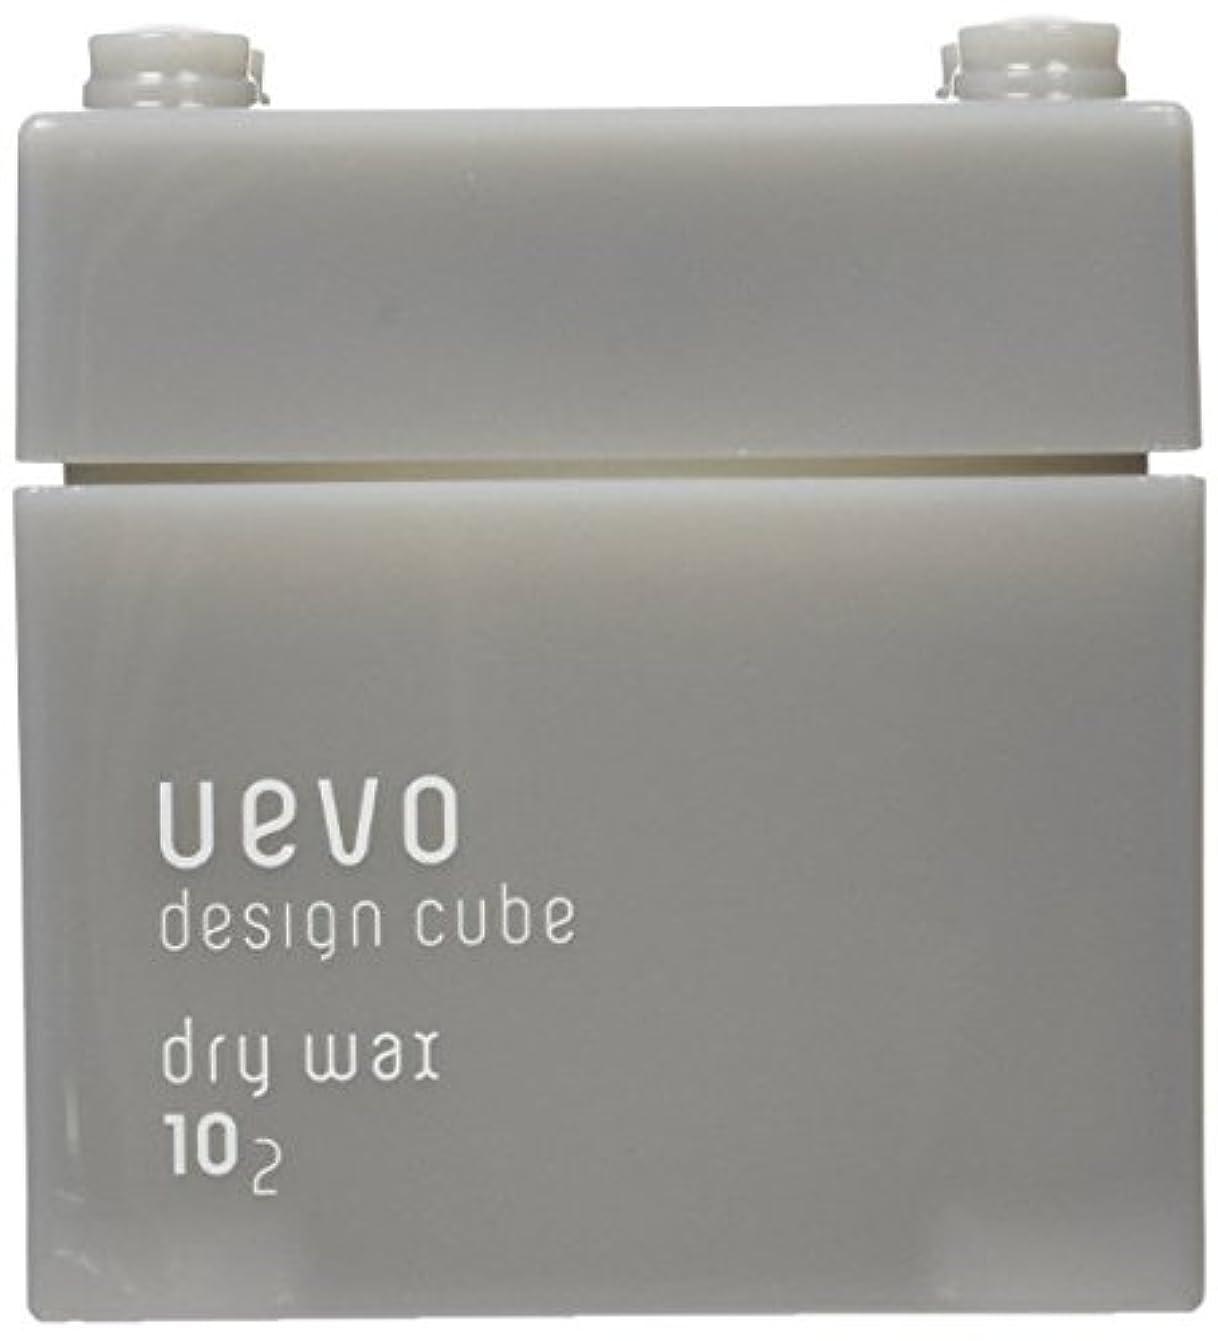 マイナー圧縮する持続的ウェーボ デザインキューブ ドライワックス 80g